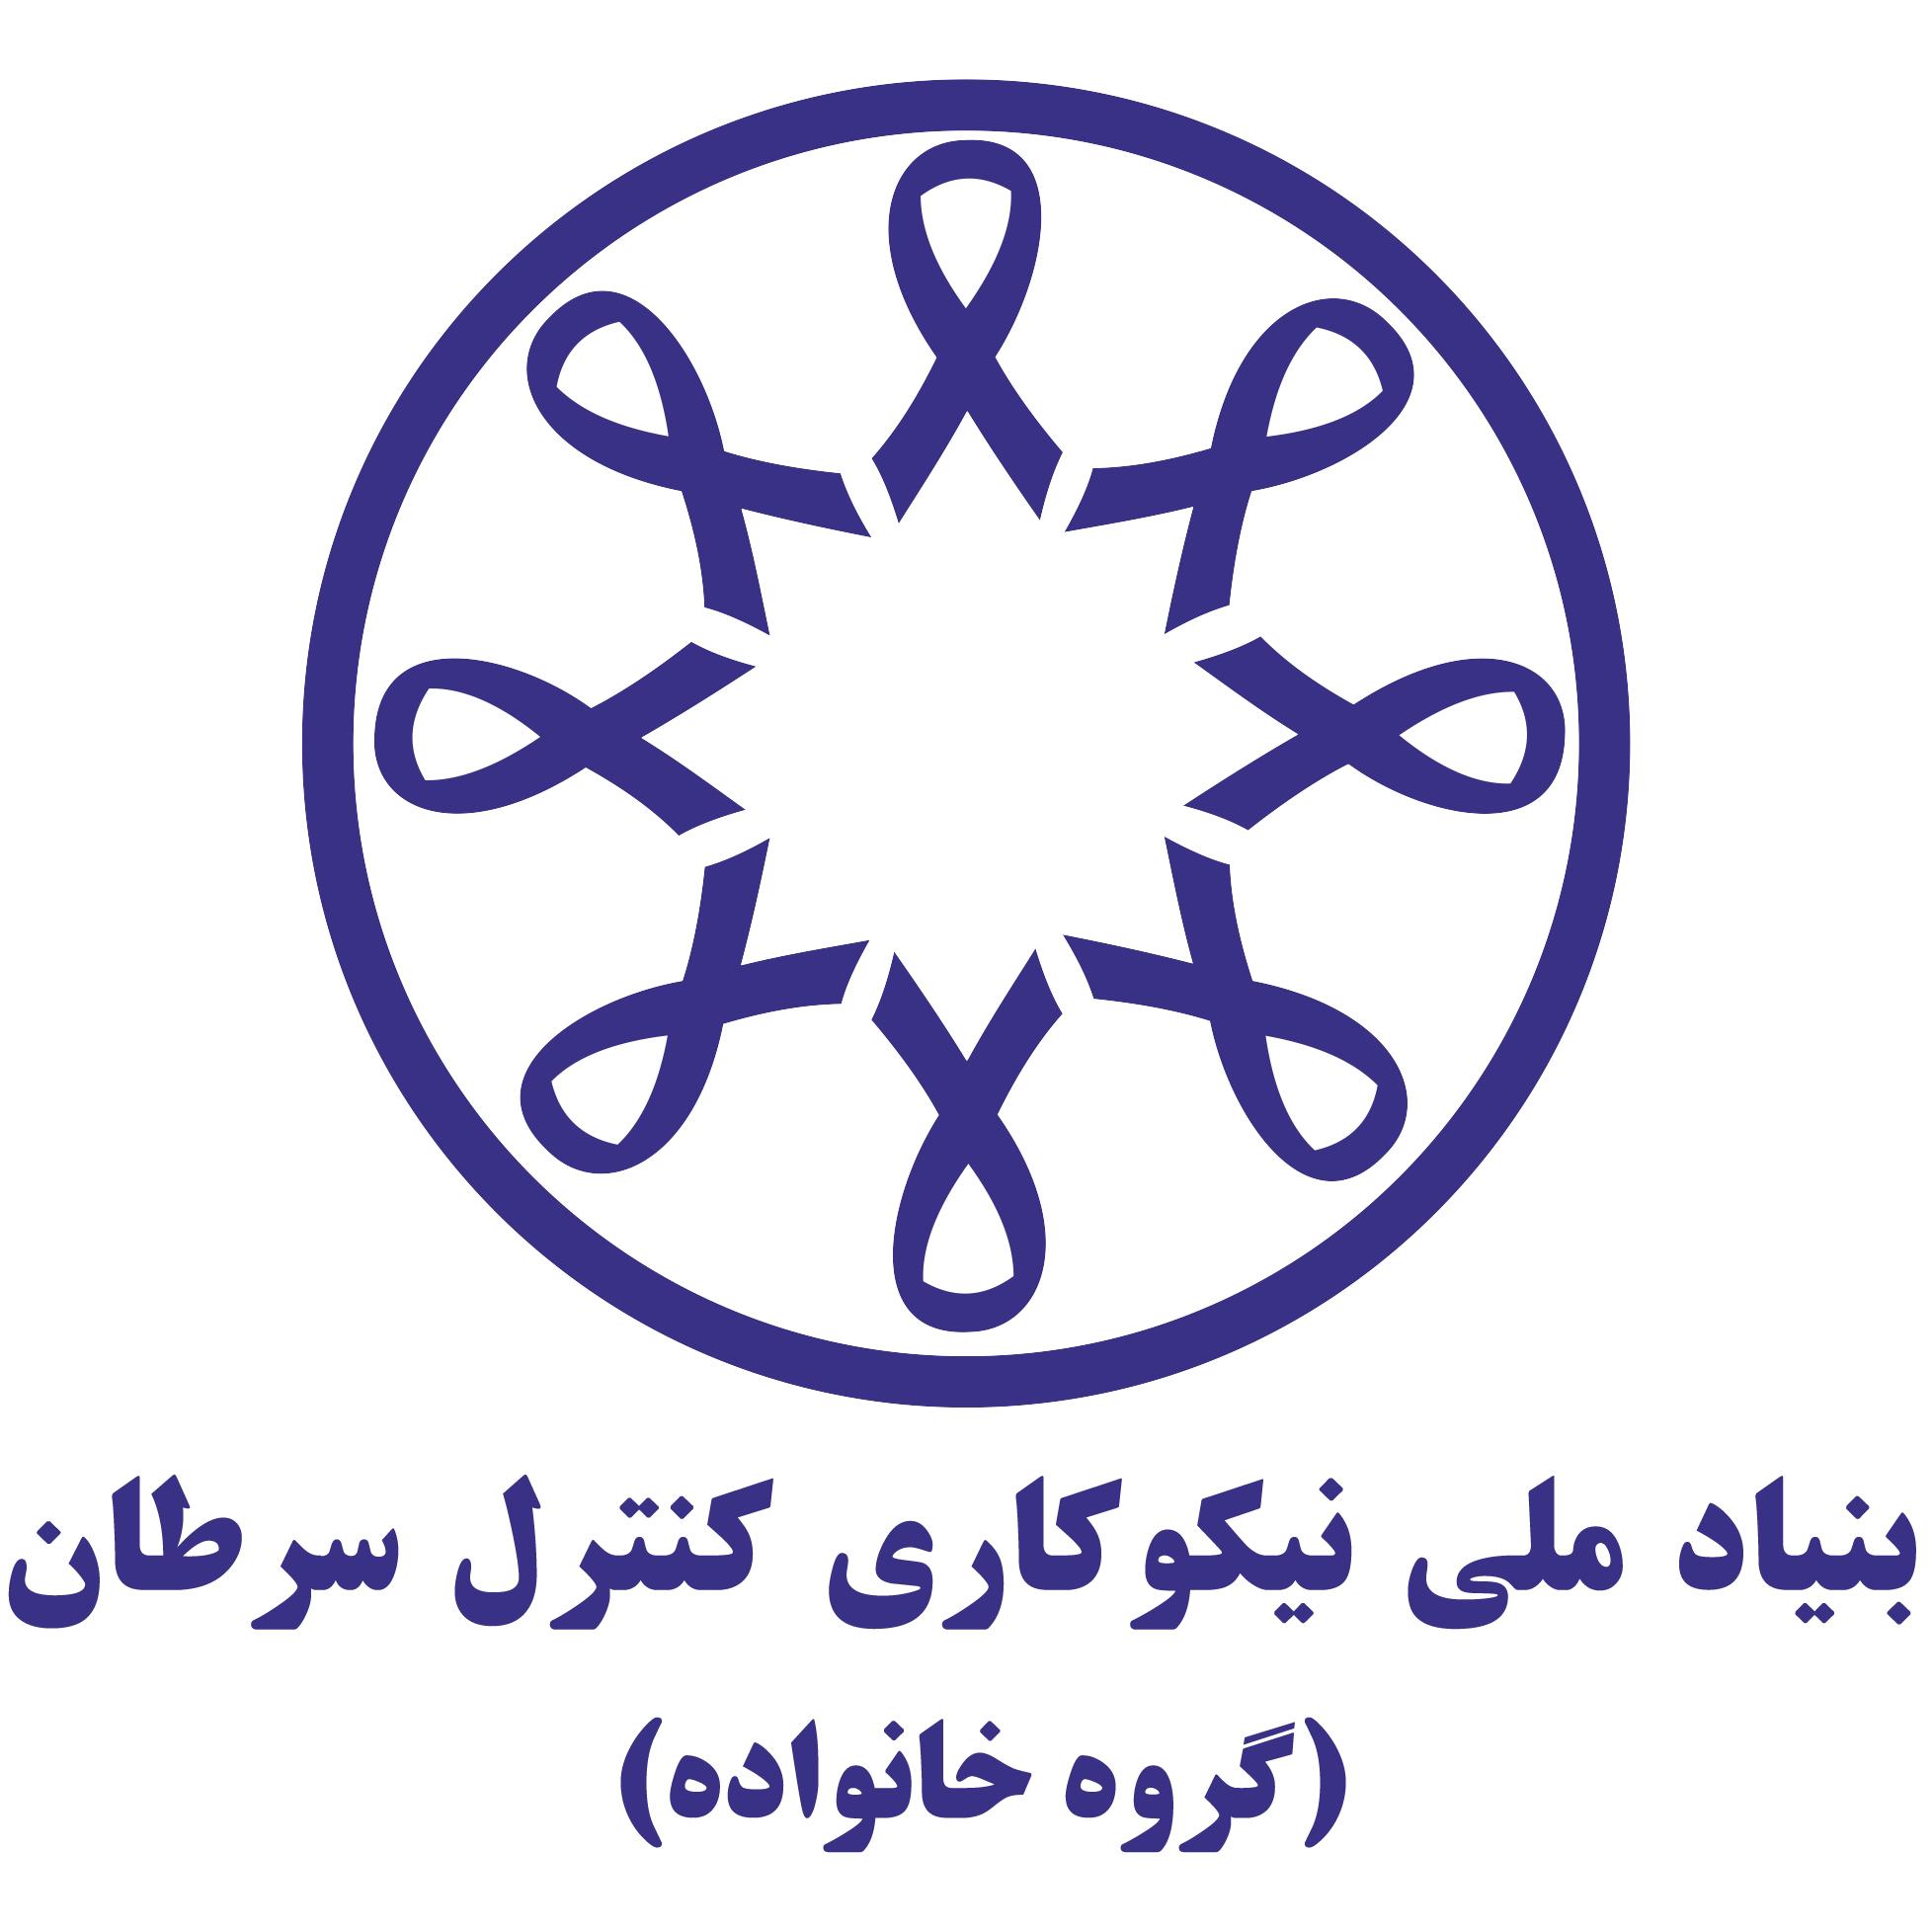 اولین جلسه شورای گروه خانواده سه شنبه مورخ۲۱/۰۳/۹۸ گزارش تصویری